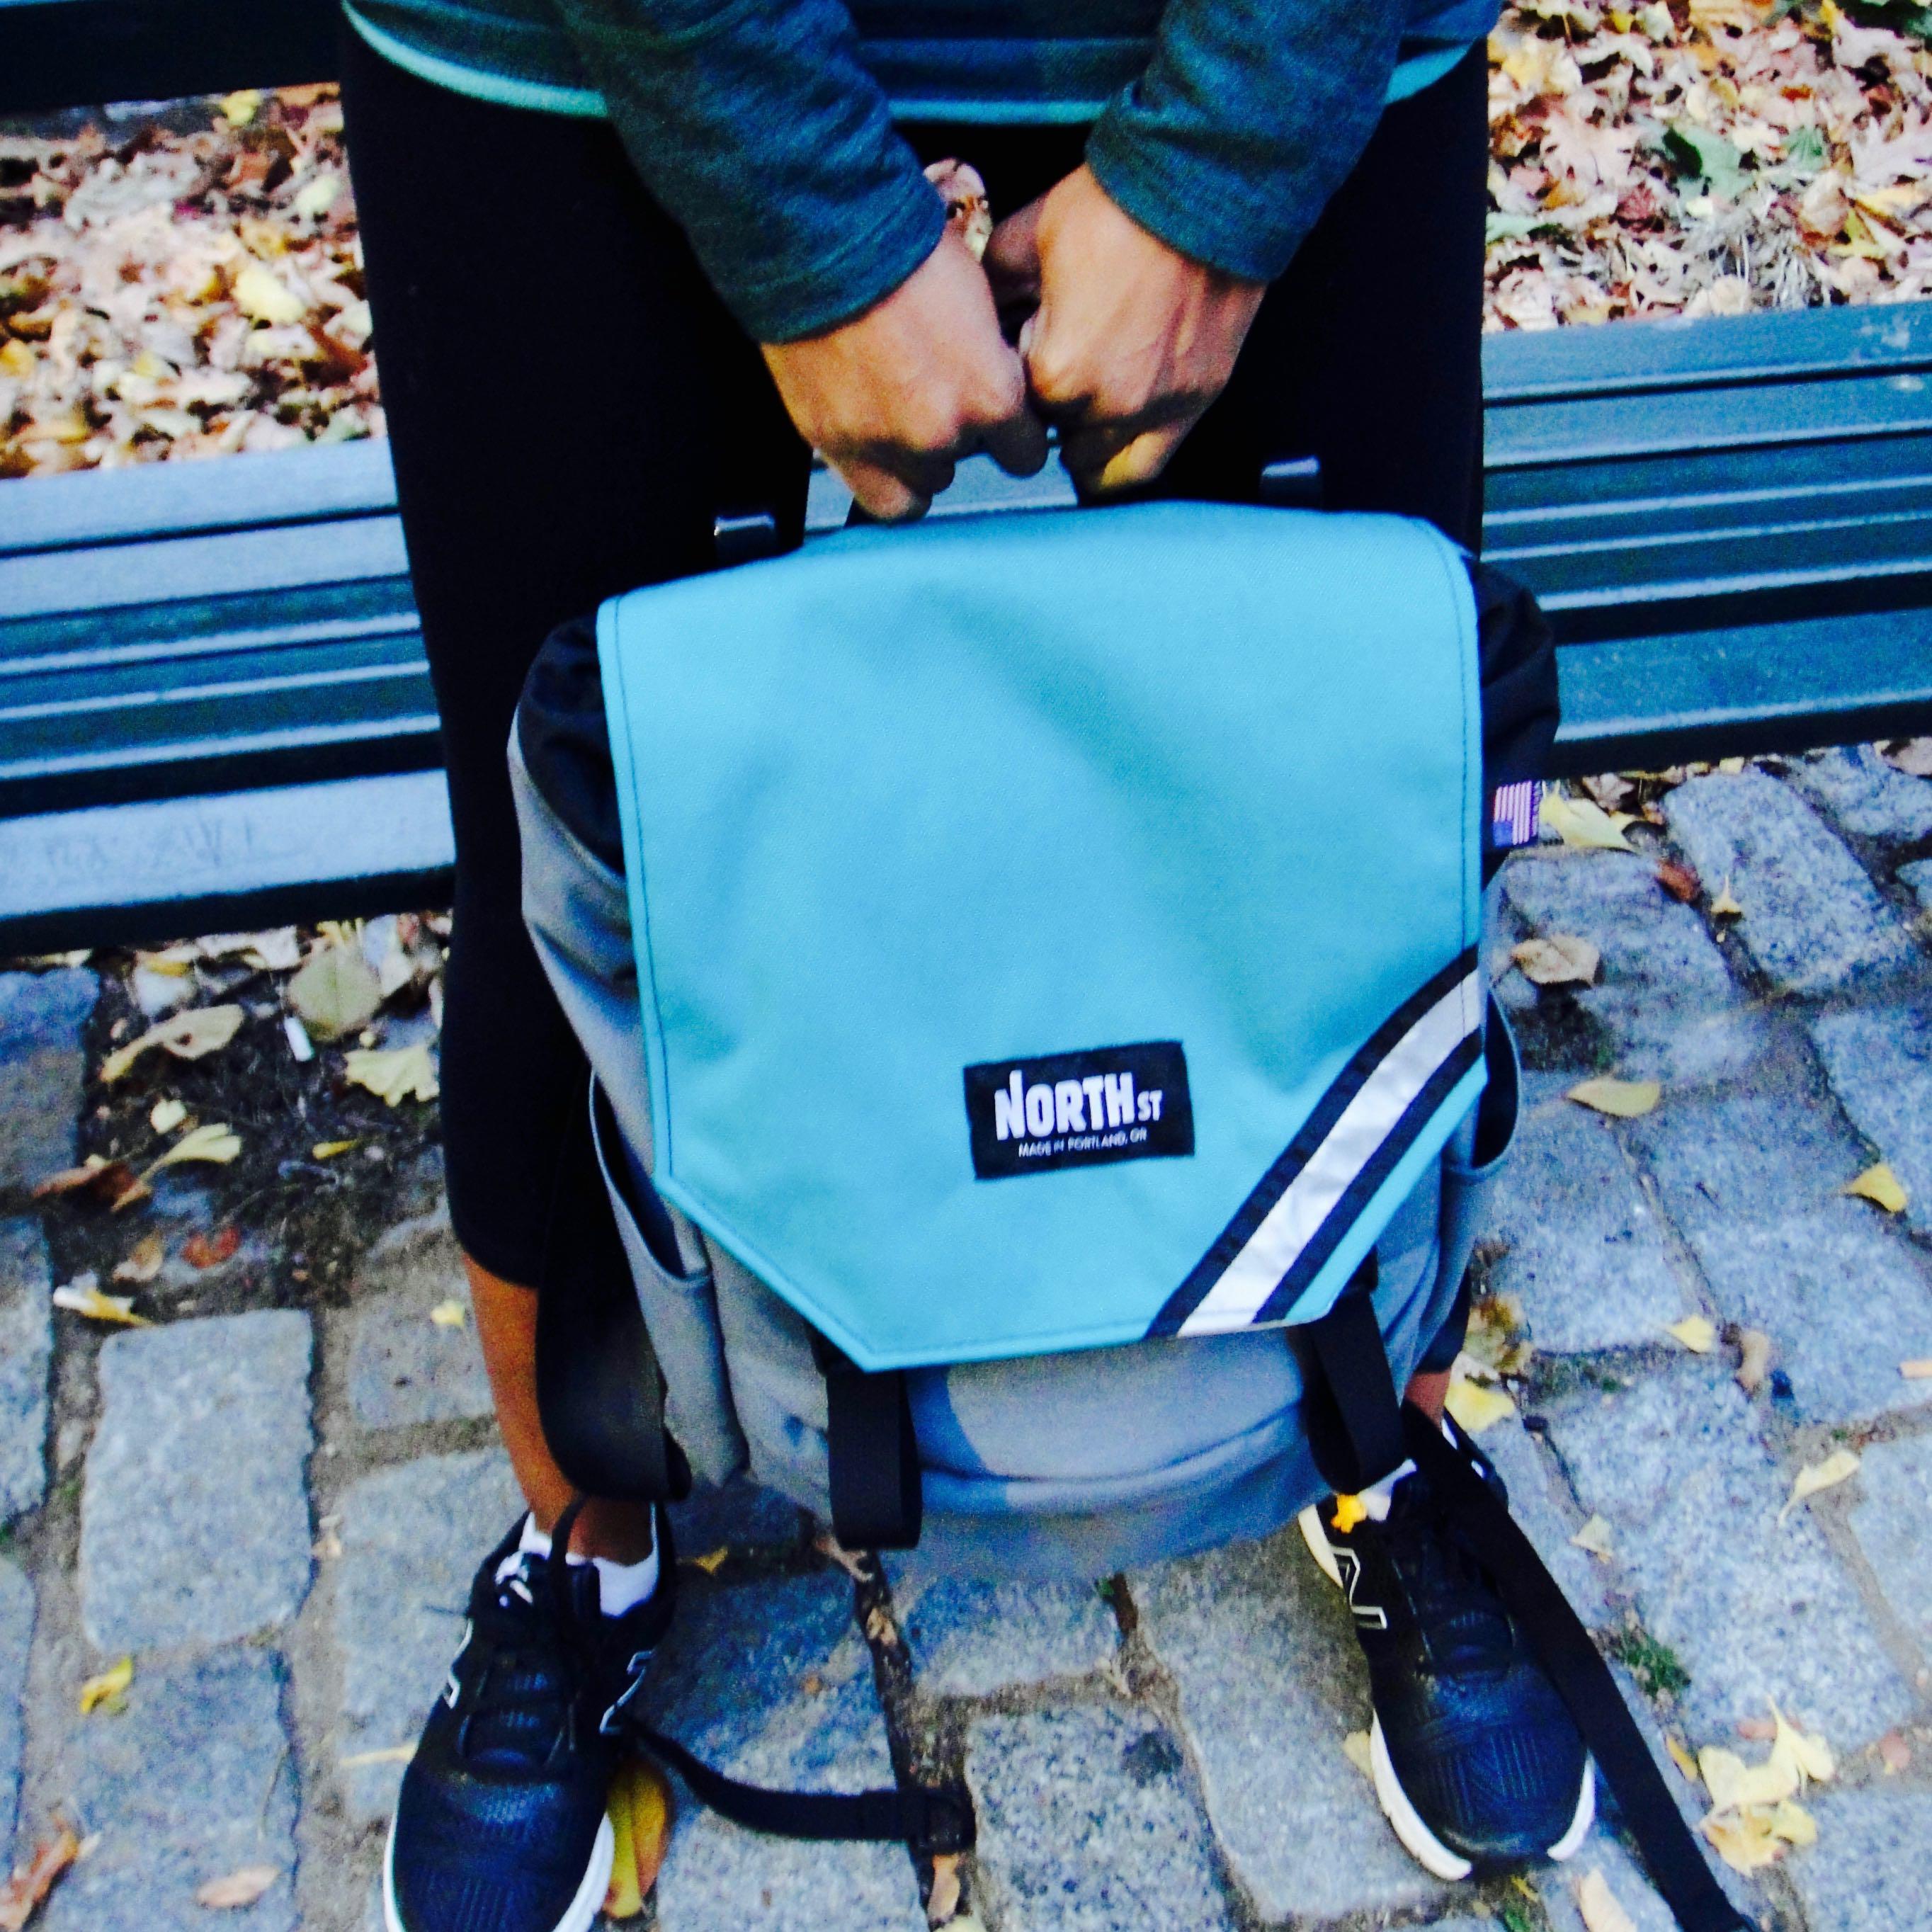 North St. Morrison Backpack Pannier